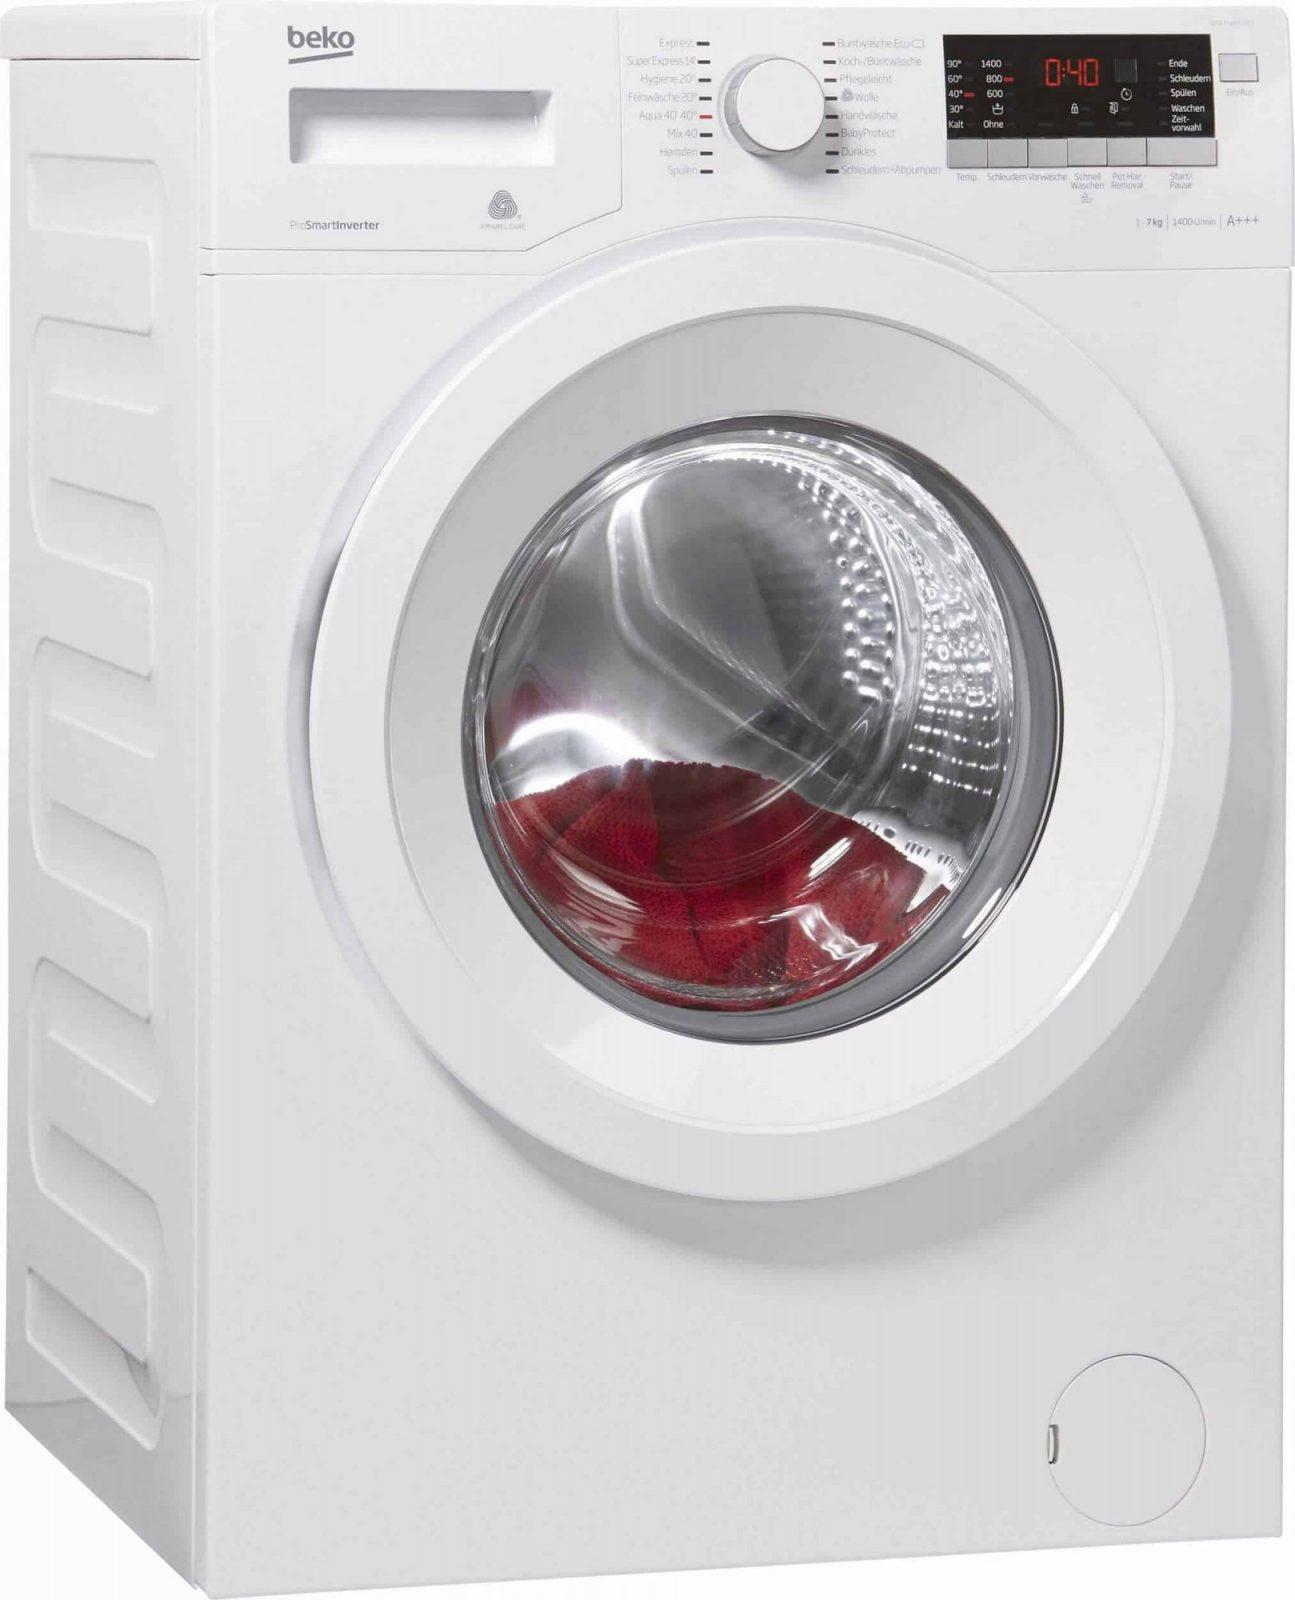 Beko Wya 71483 Ptle Waschmaschine Im Test 022019 von Beko Wmb 71443 Pte Stiftung Warentest Photo